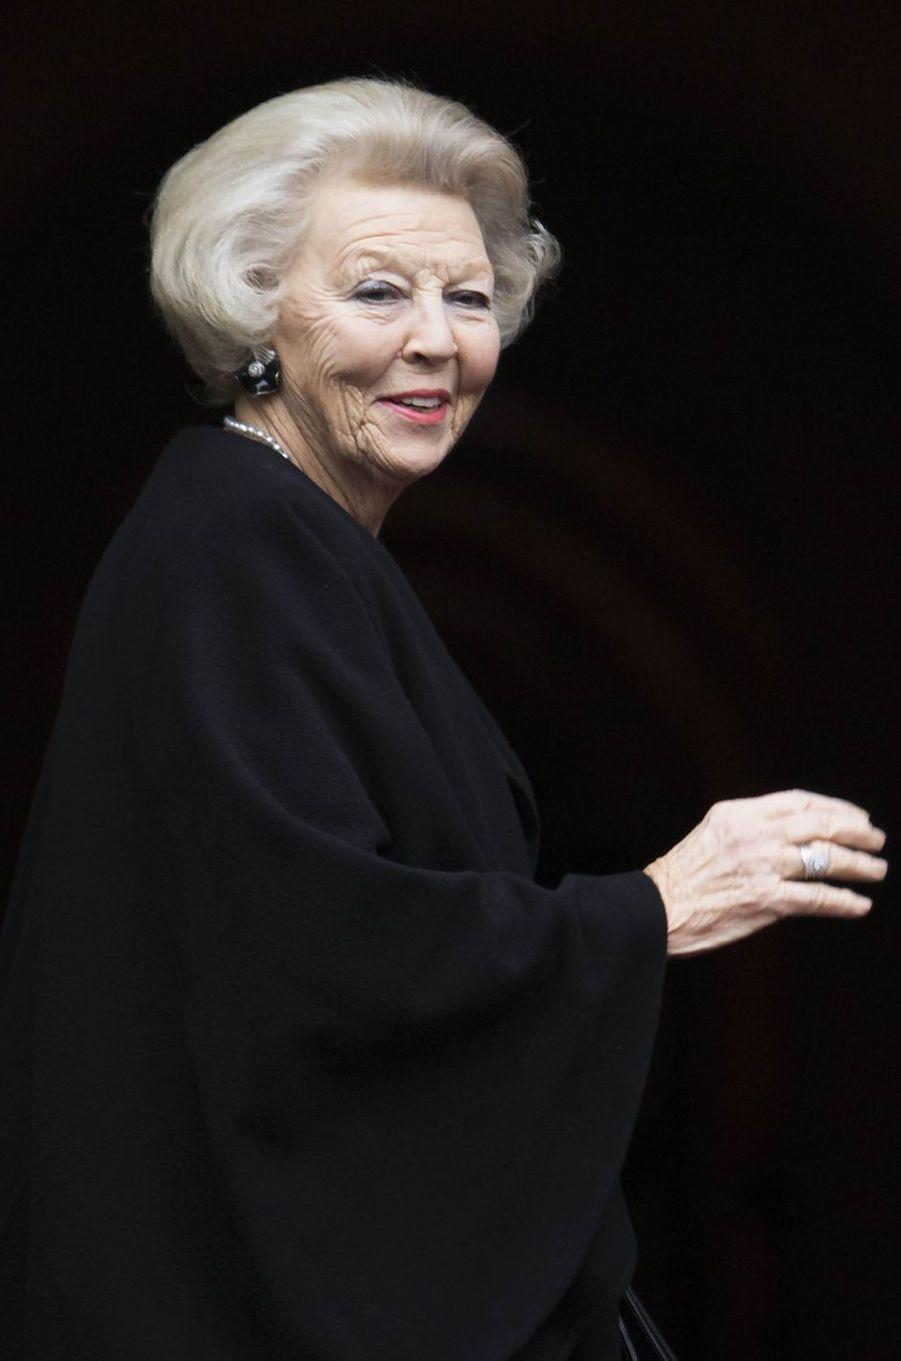 La princesse Beatrix des Pays-Bas à Amsterdam, le 15 décembre 2016